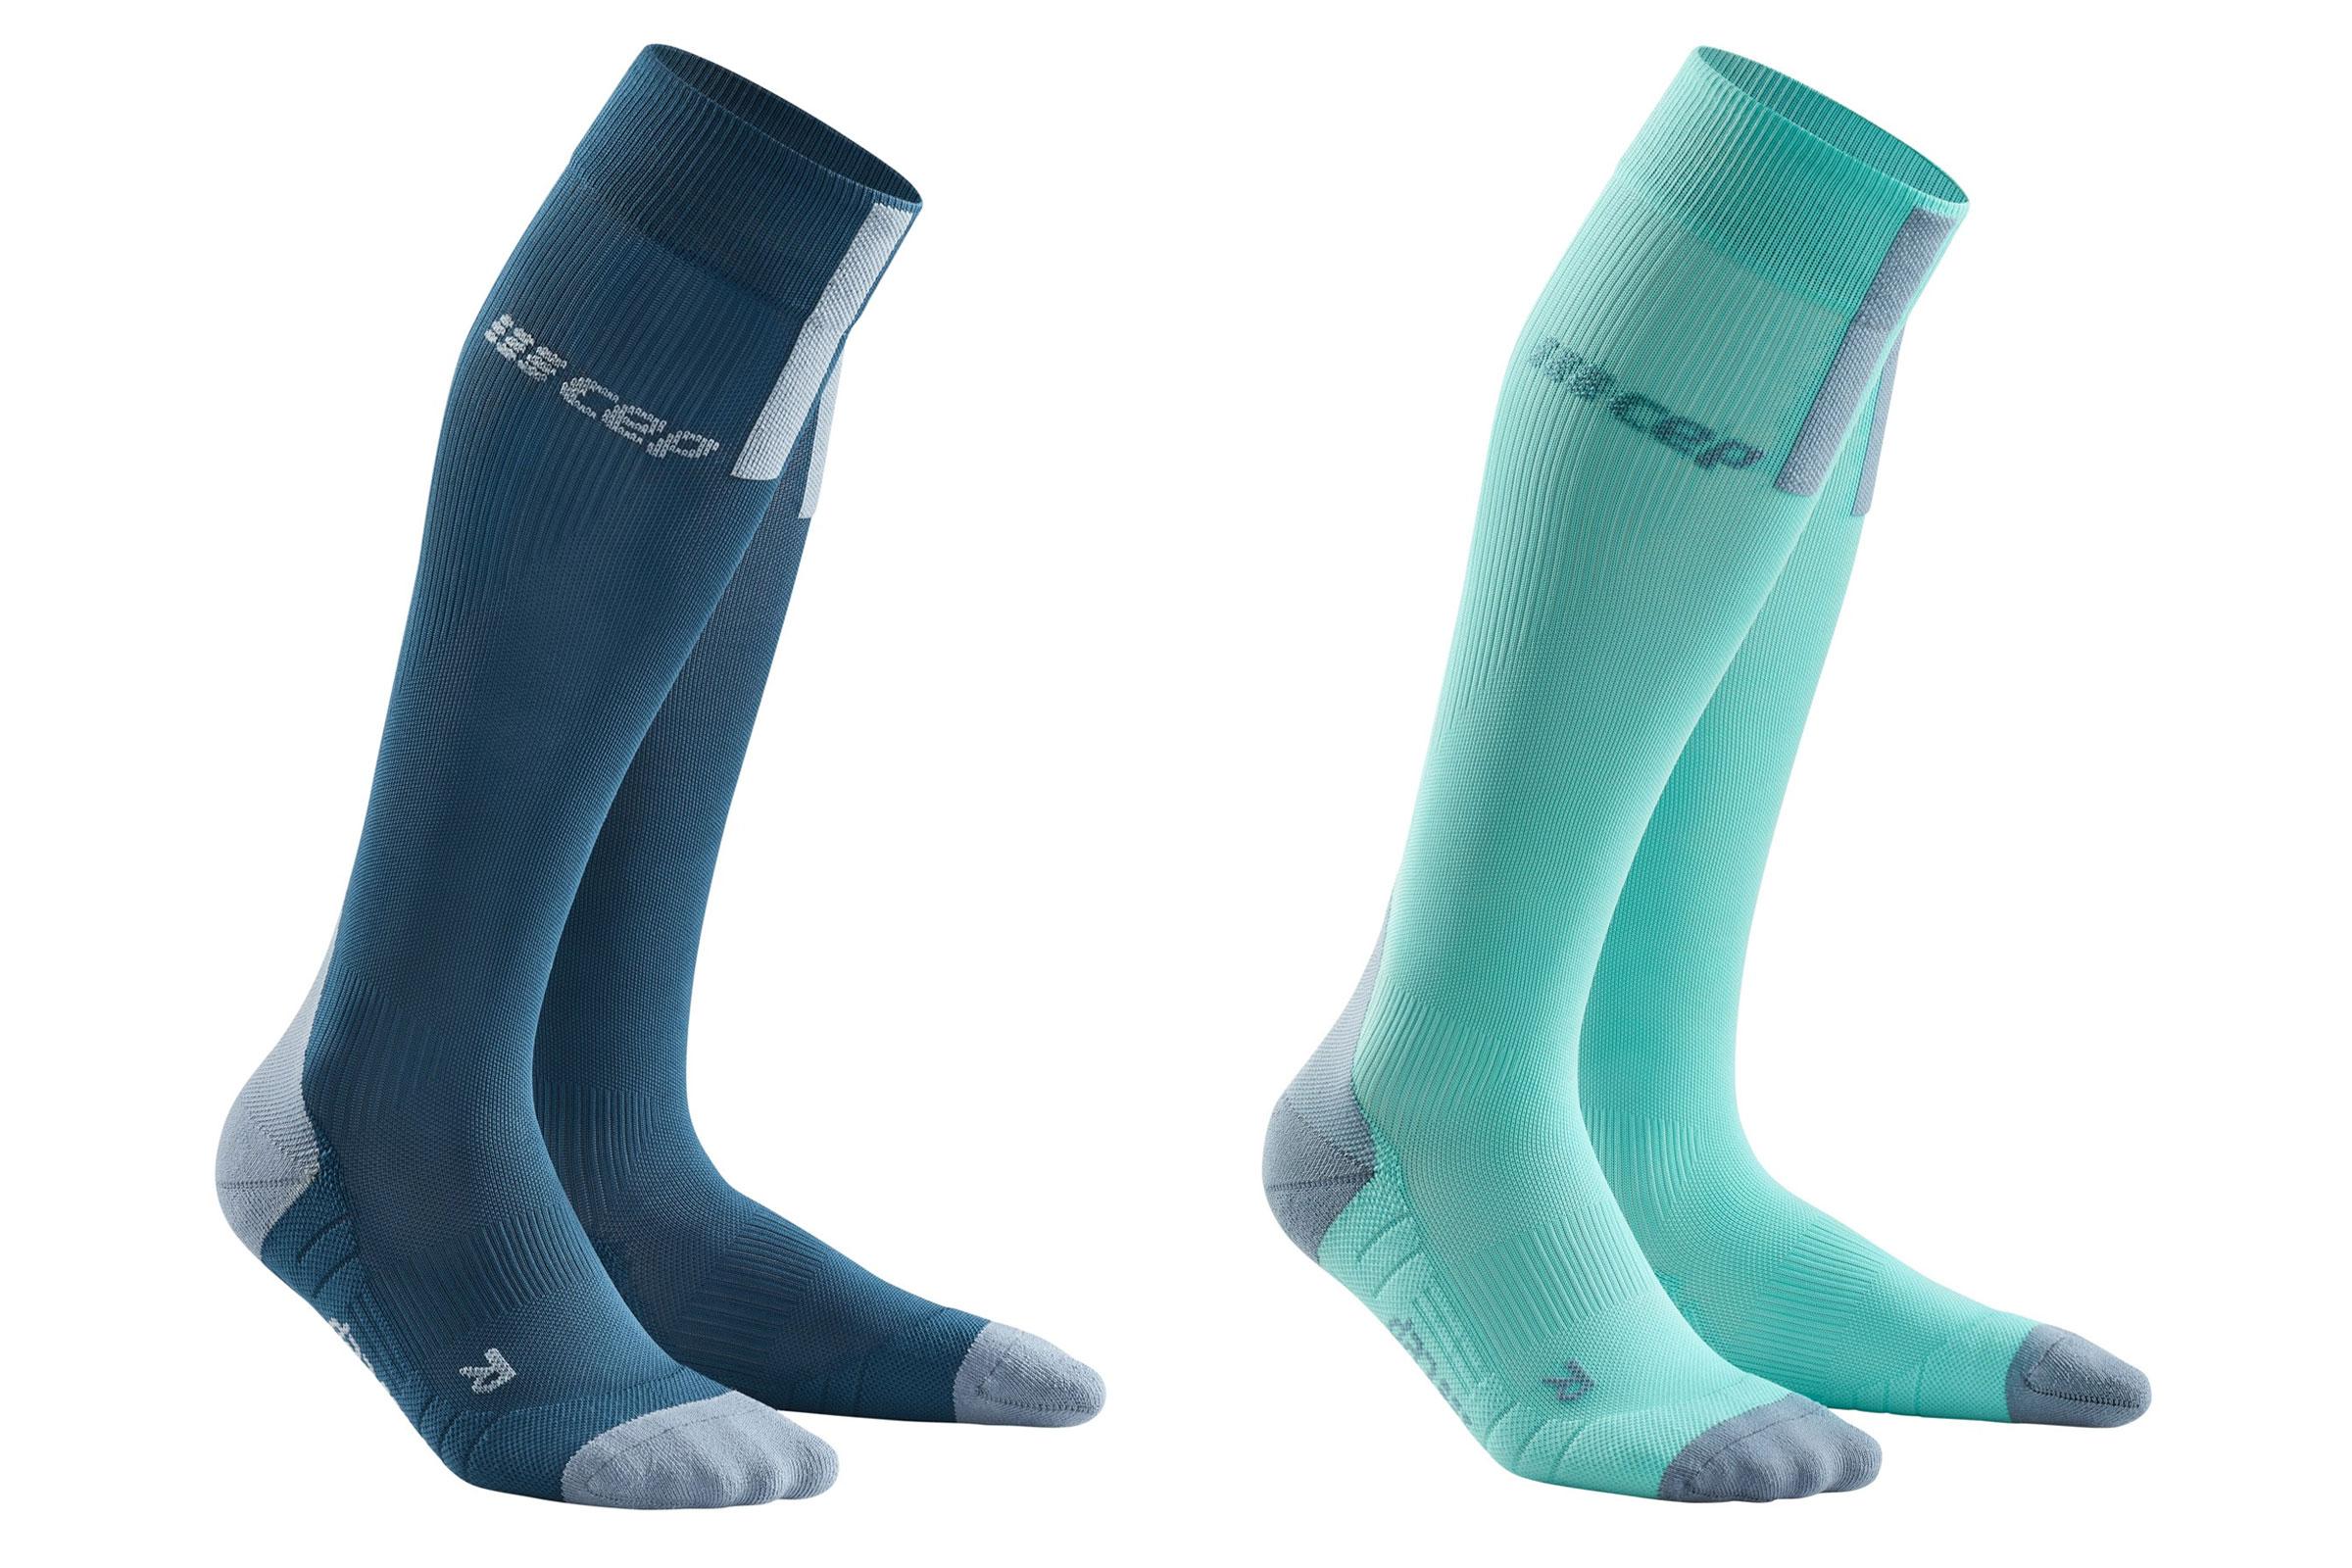 cep tall compression socks 3.0